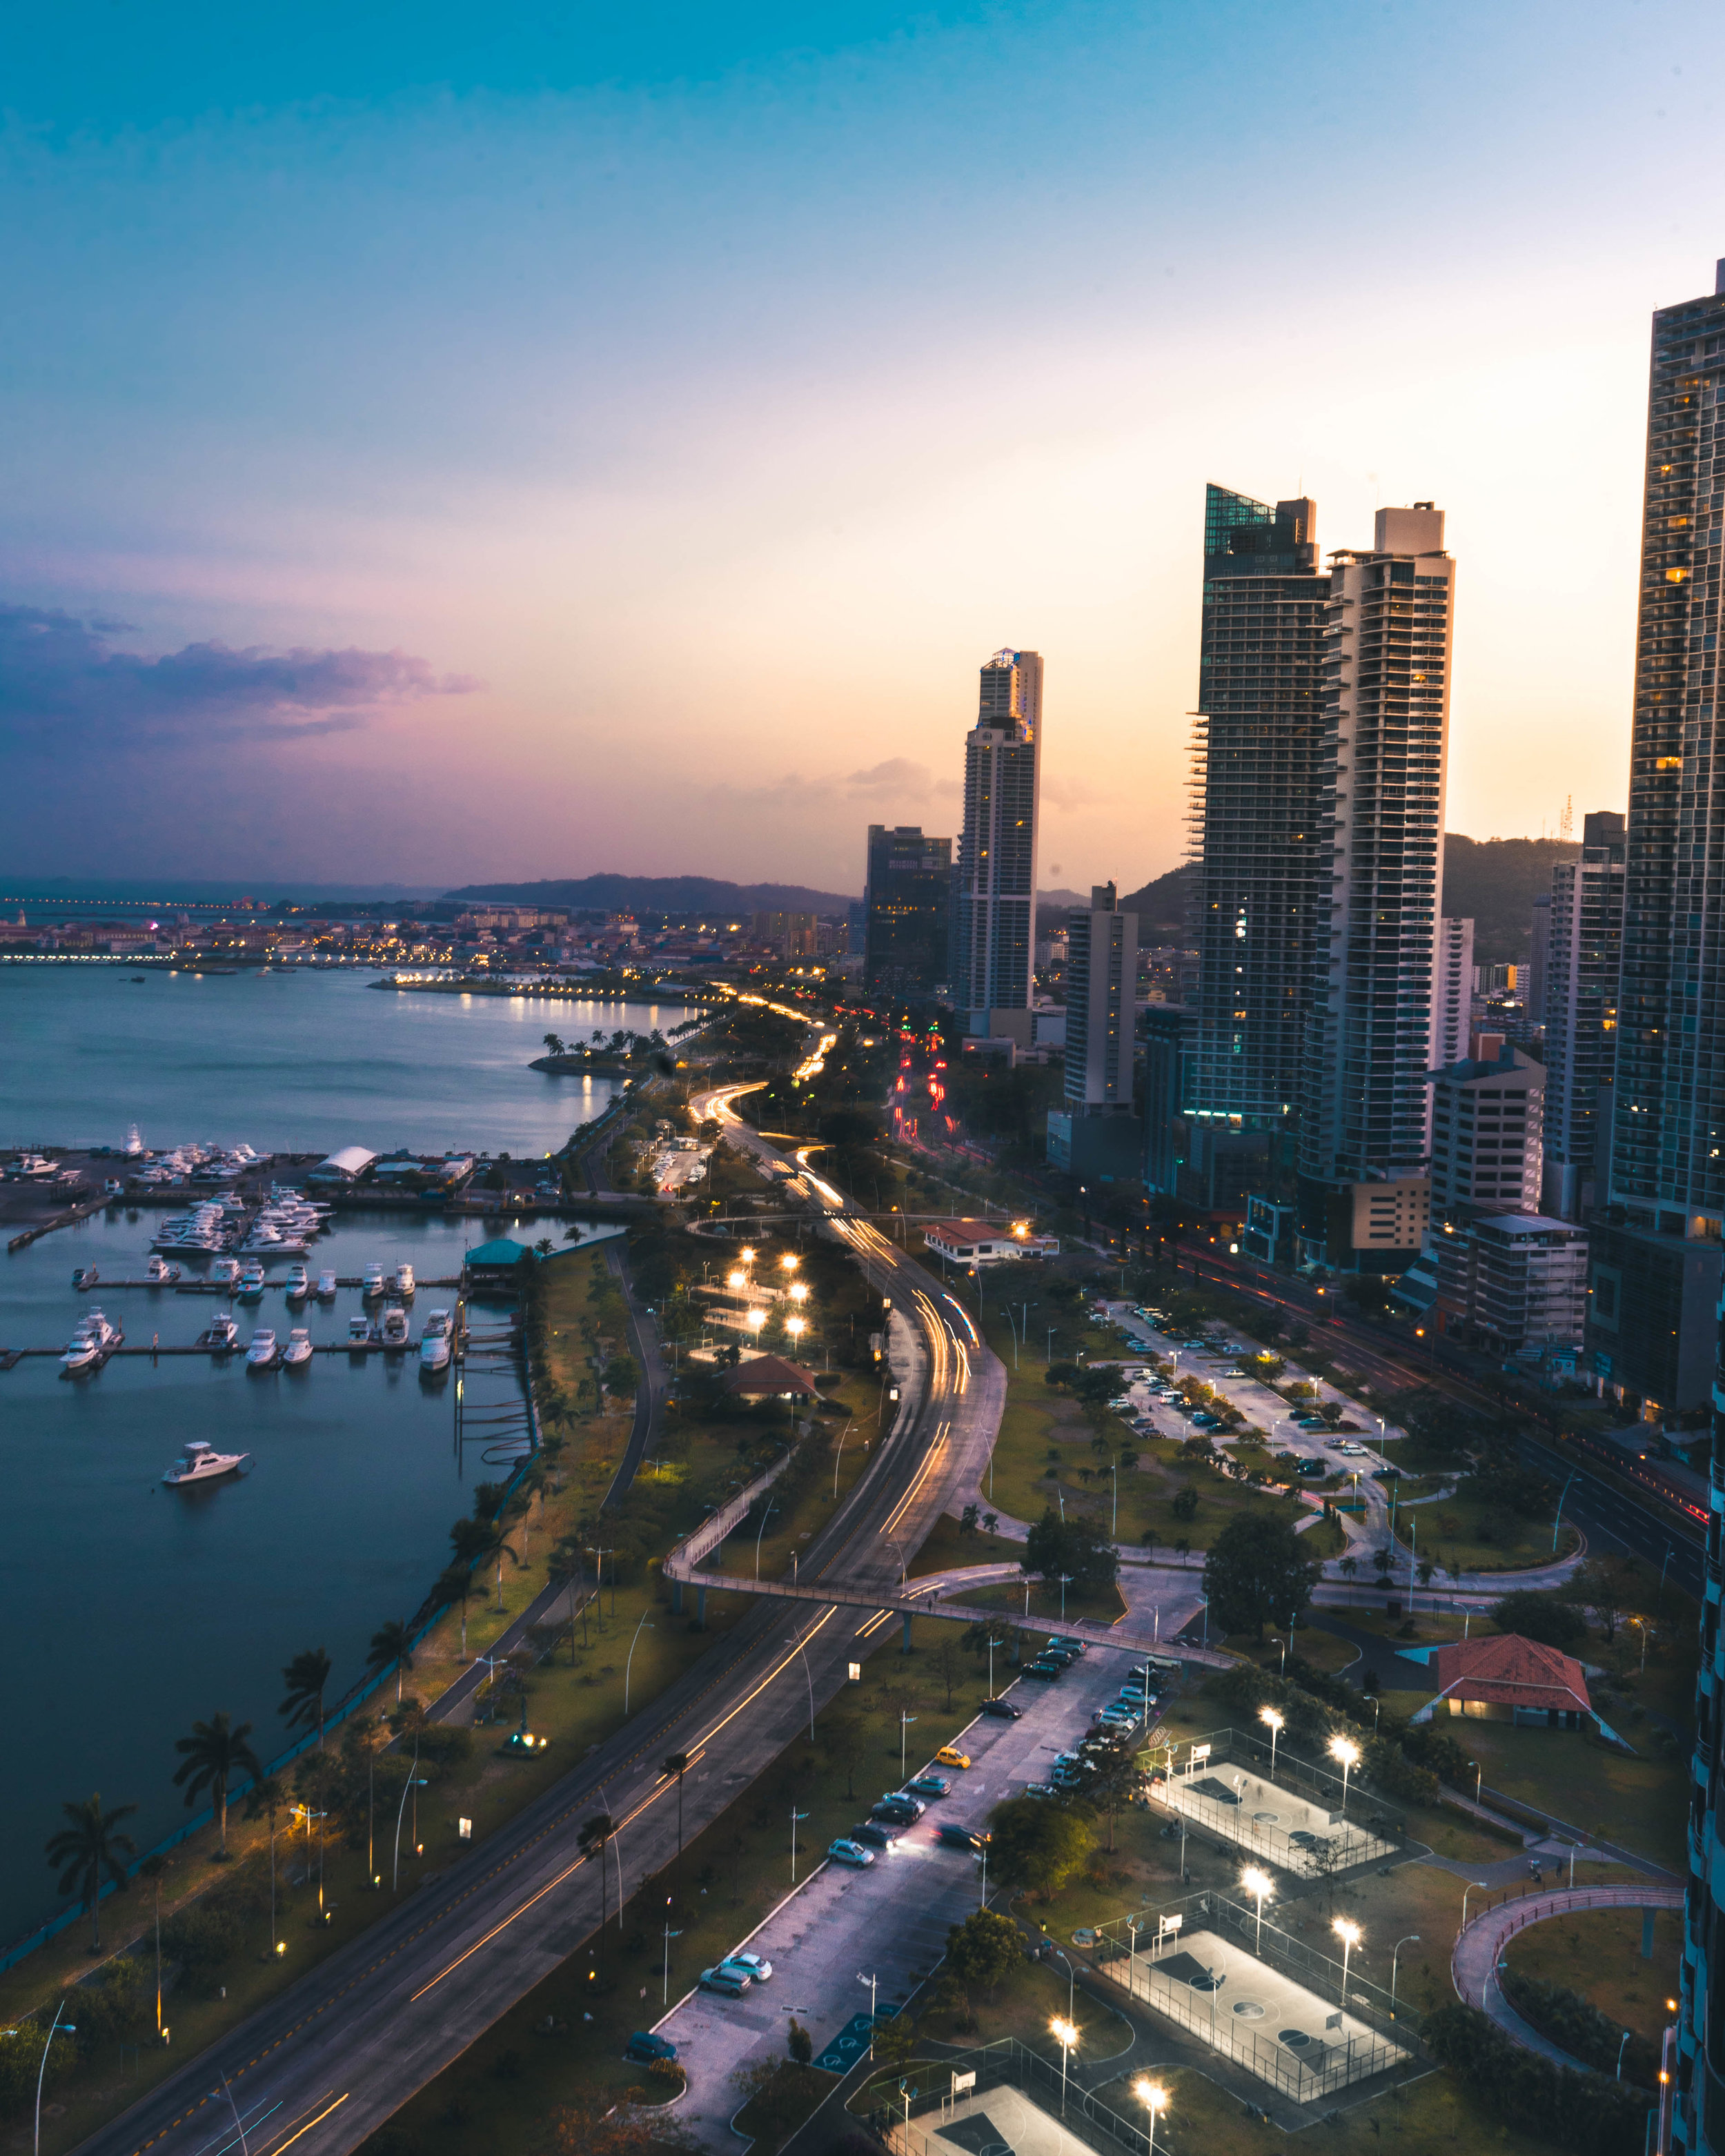 PANAMA CITY -